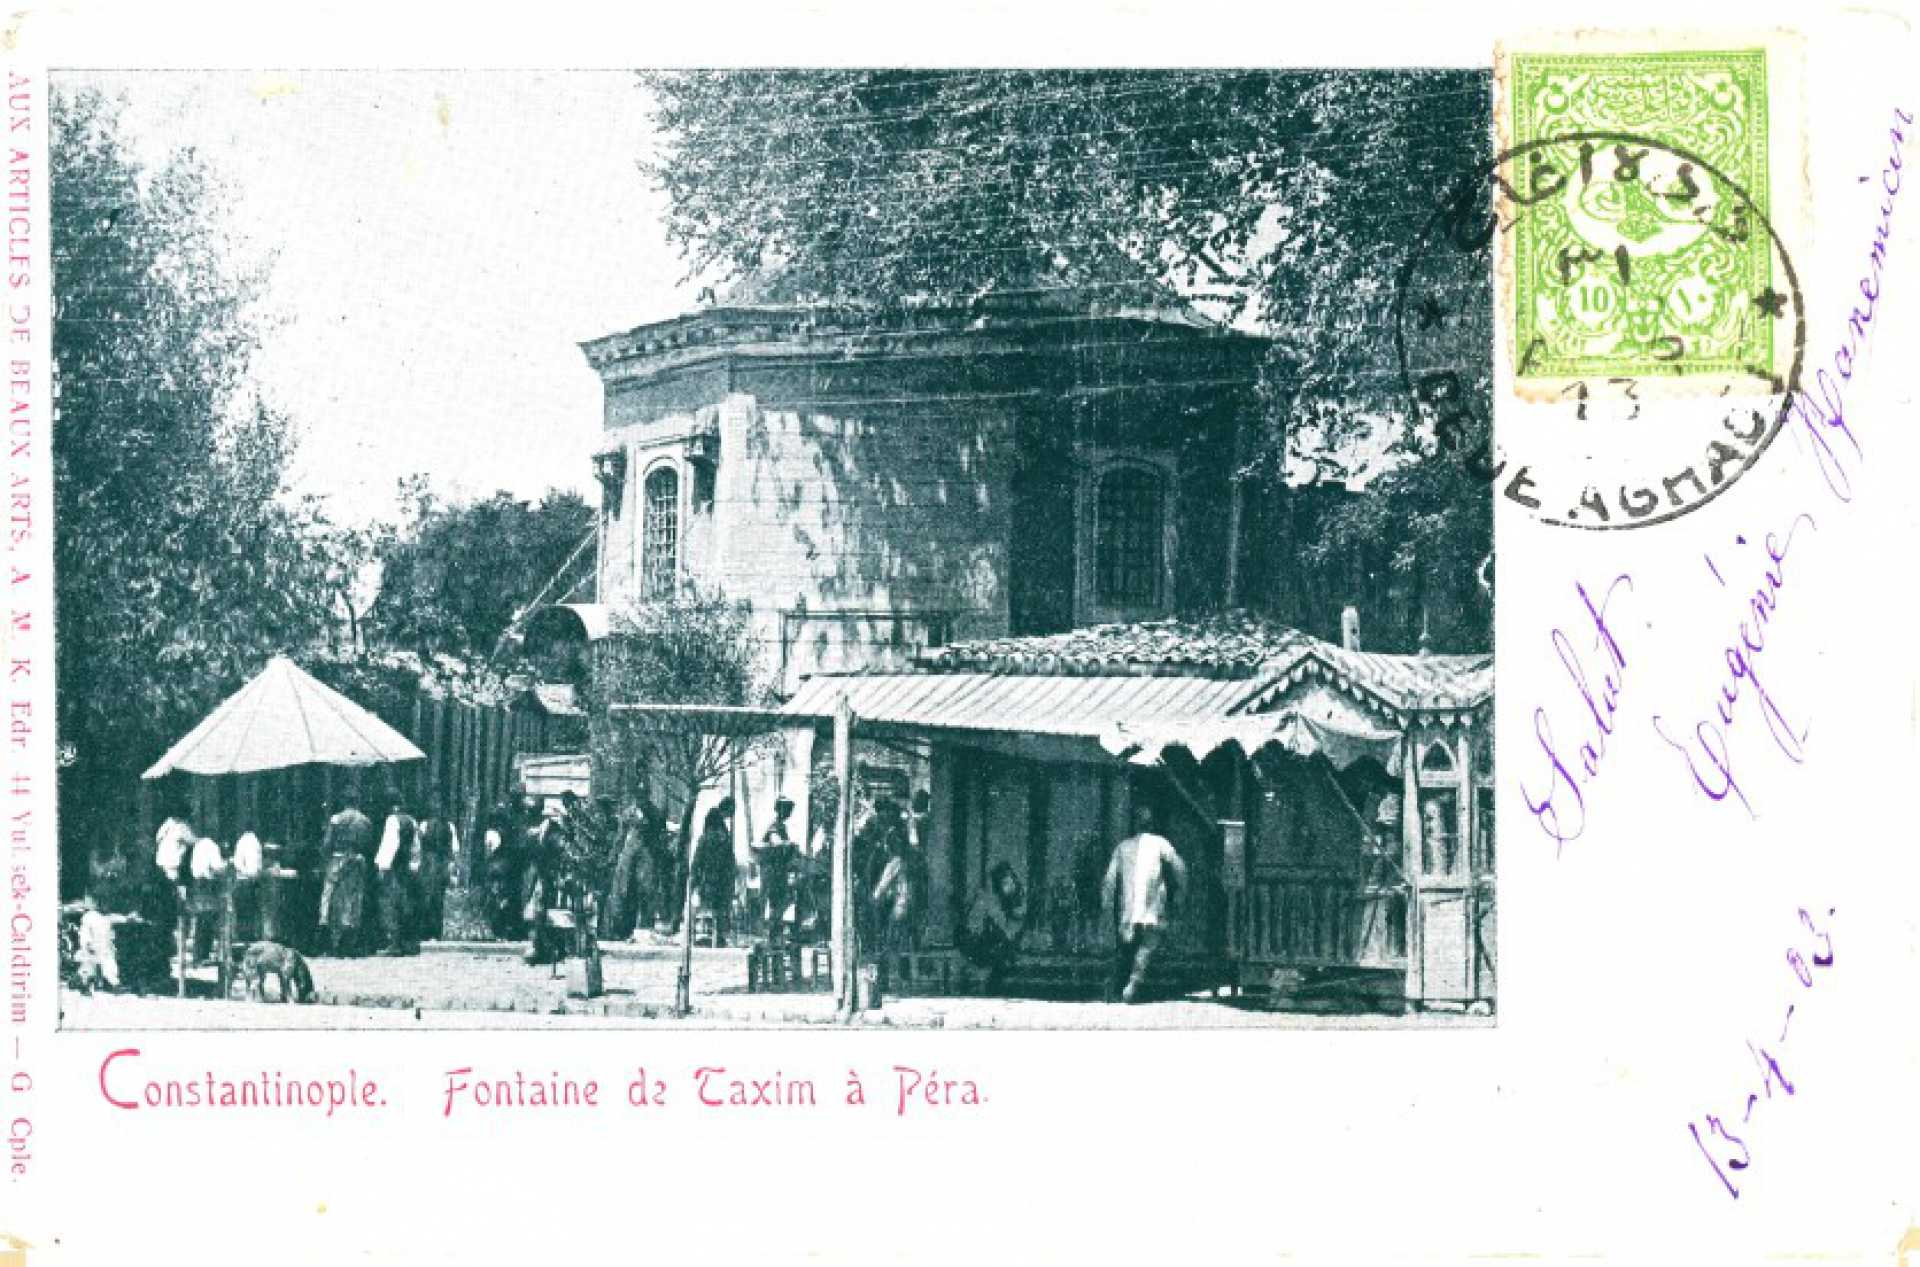 Fontaine de Taxim a Pera